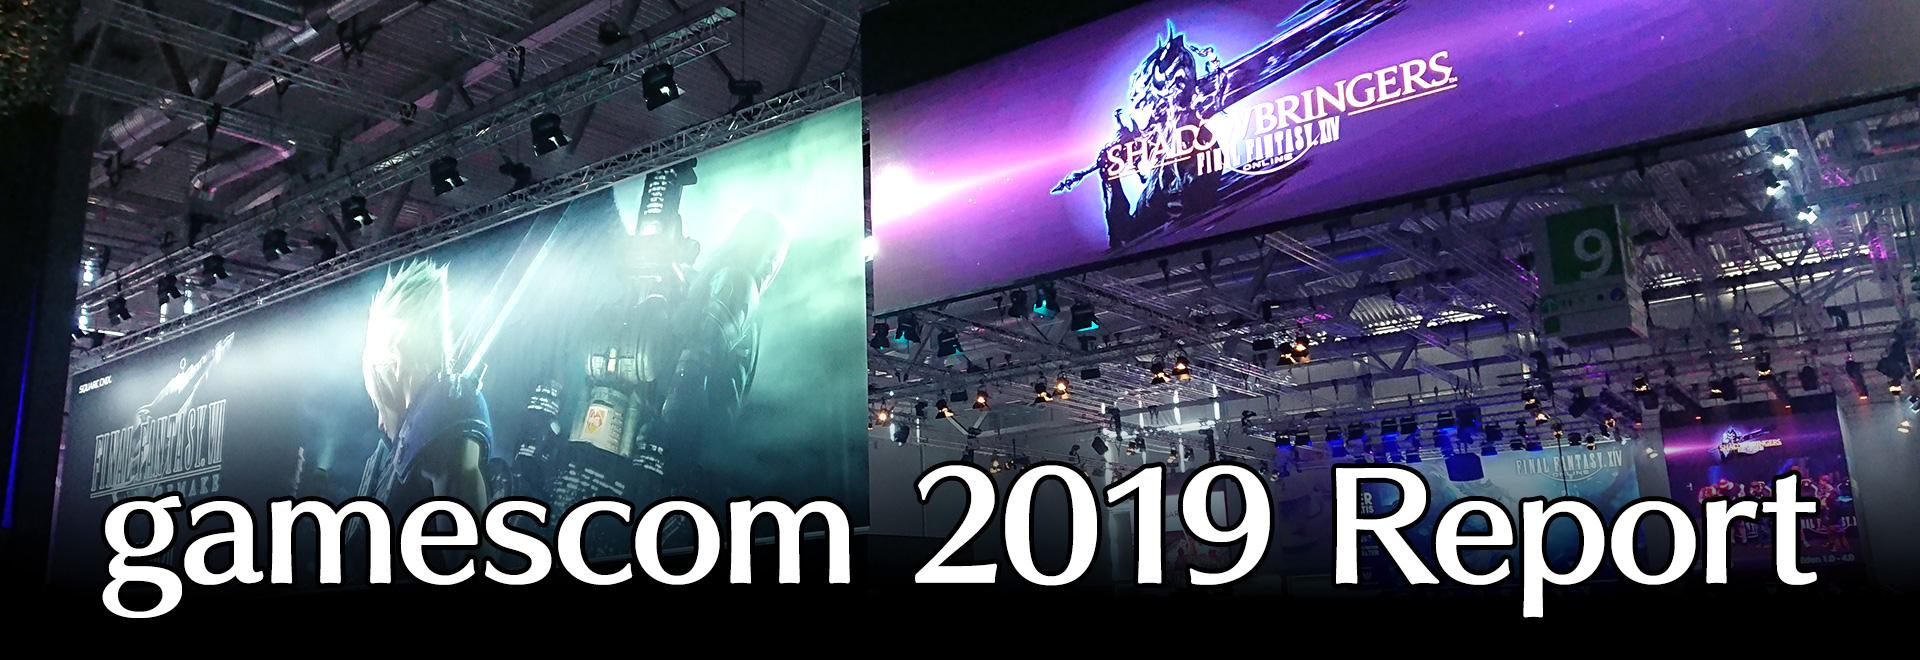 Bn topics gamescom2019